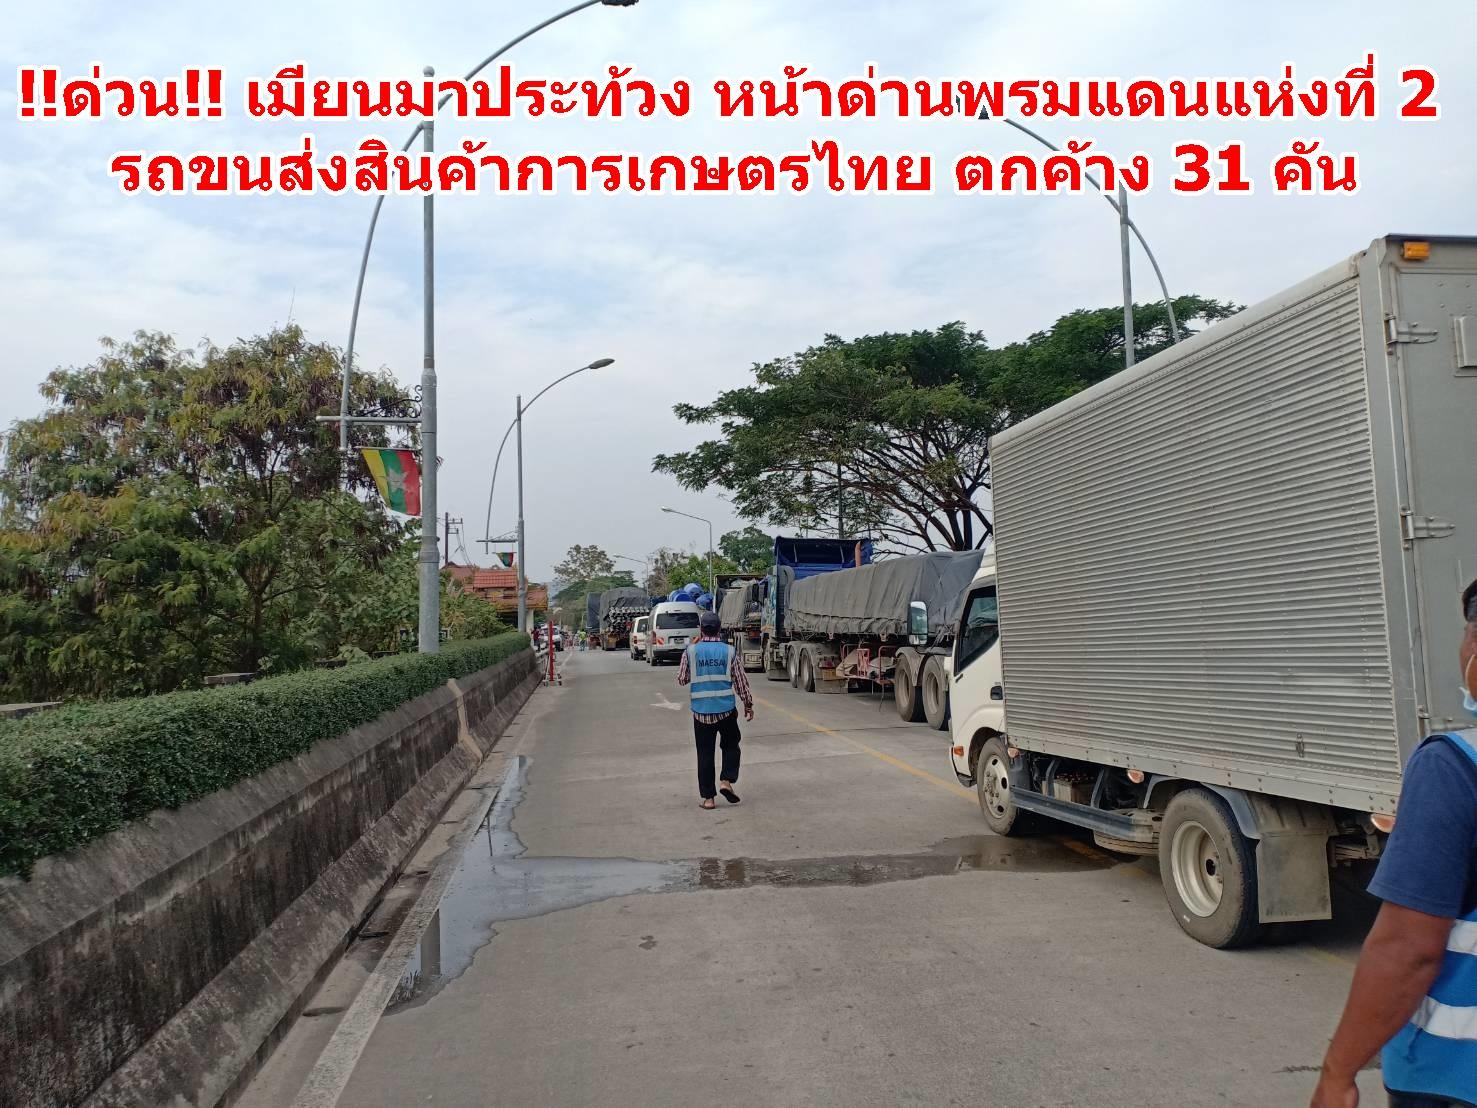 !!ด่วน!! เมียนมาประท้วง หน้าด่านพรมแดนแห่งที่ 2 รถขนส่งสินค้าการเกษตรไทย ตกค้าง 31 คัน